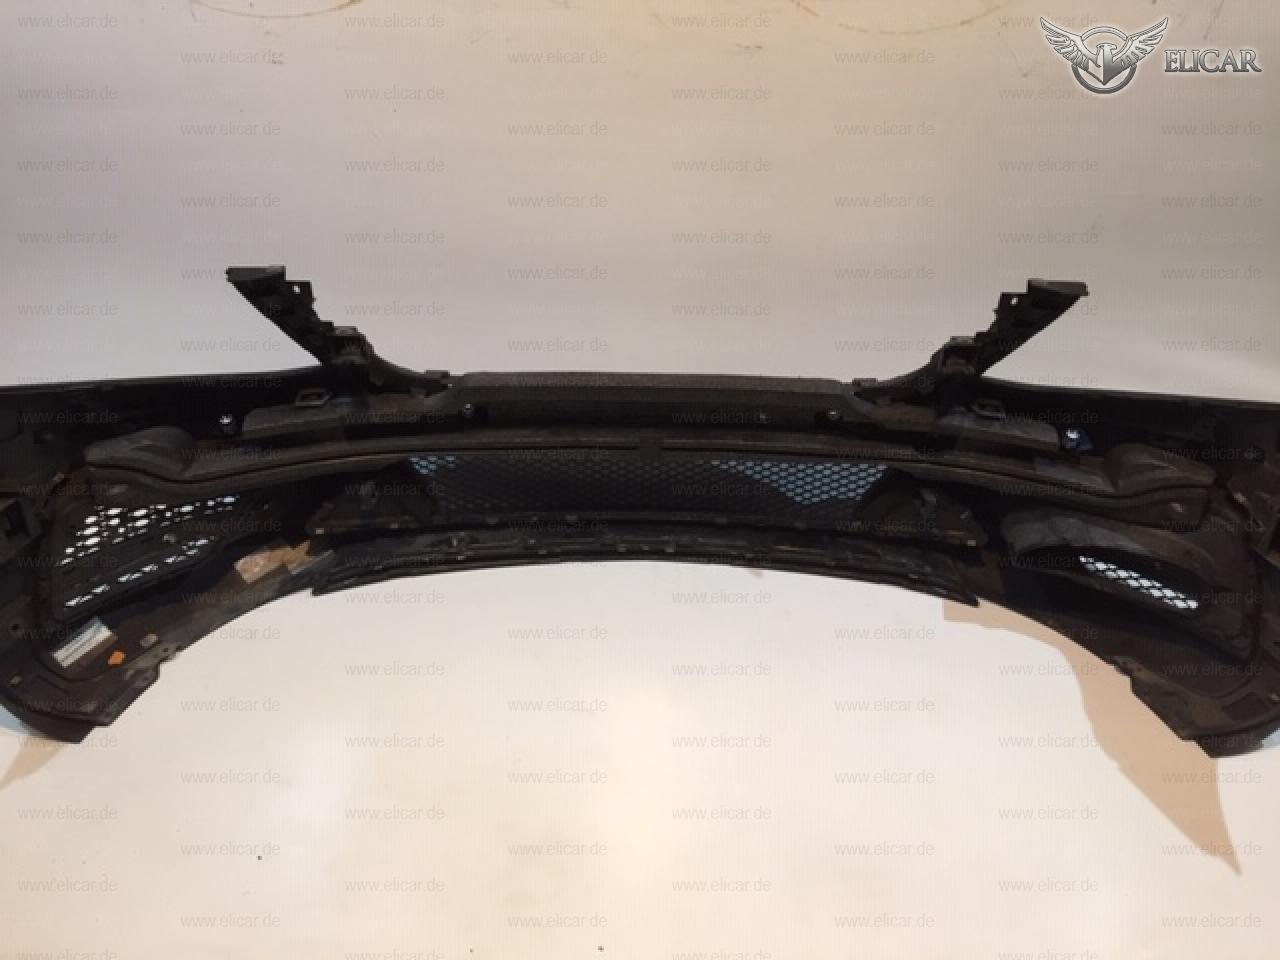 Autolack Set in Mercedes BUMPER MER 7167 512 für Lackierpistolen